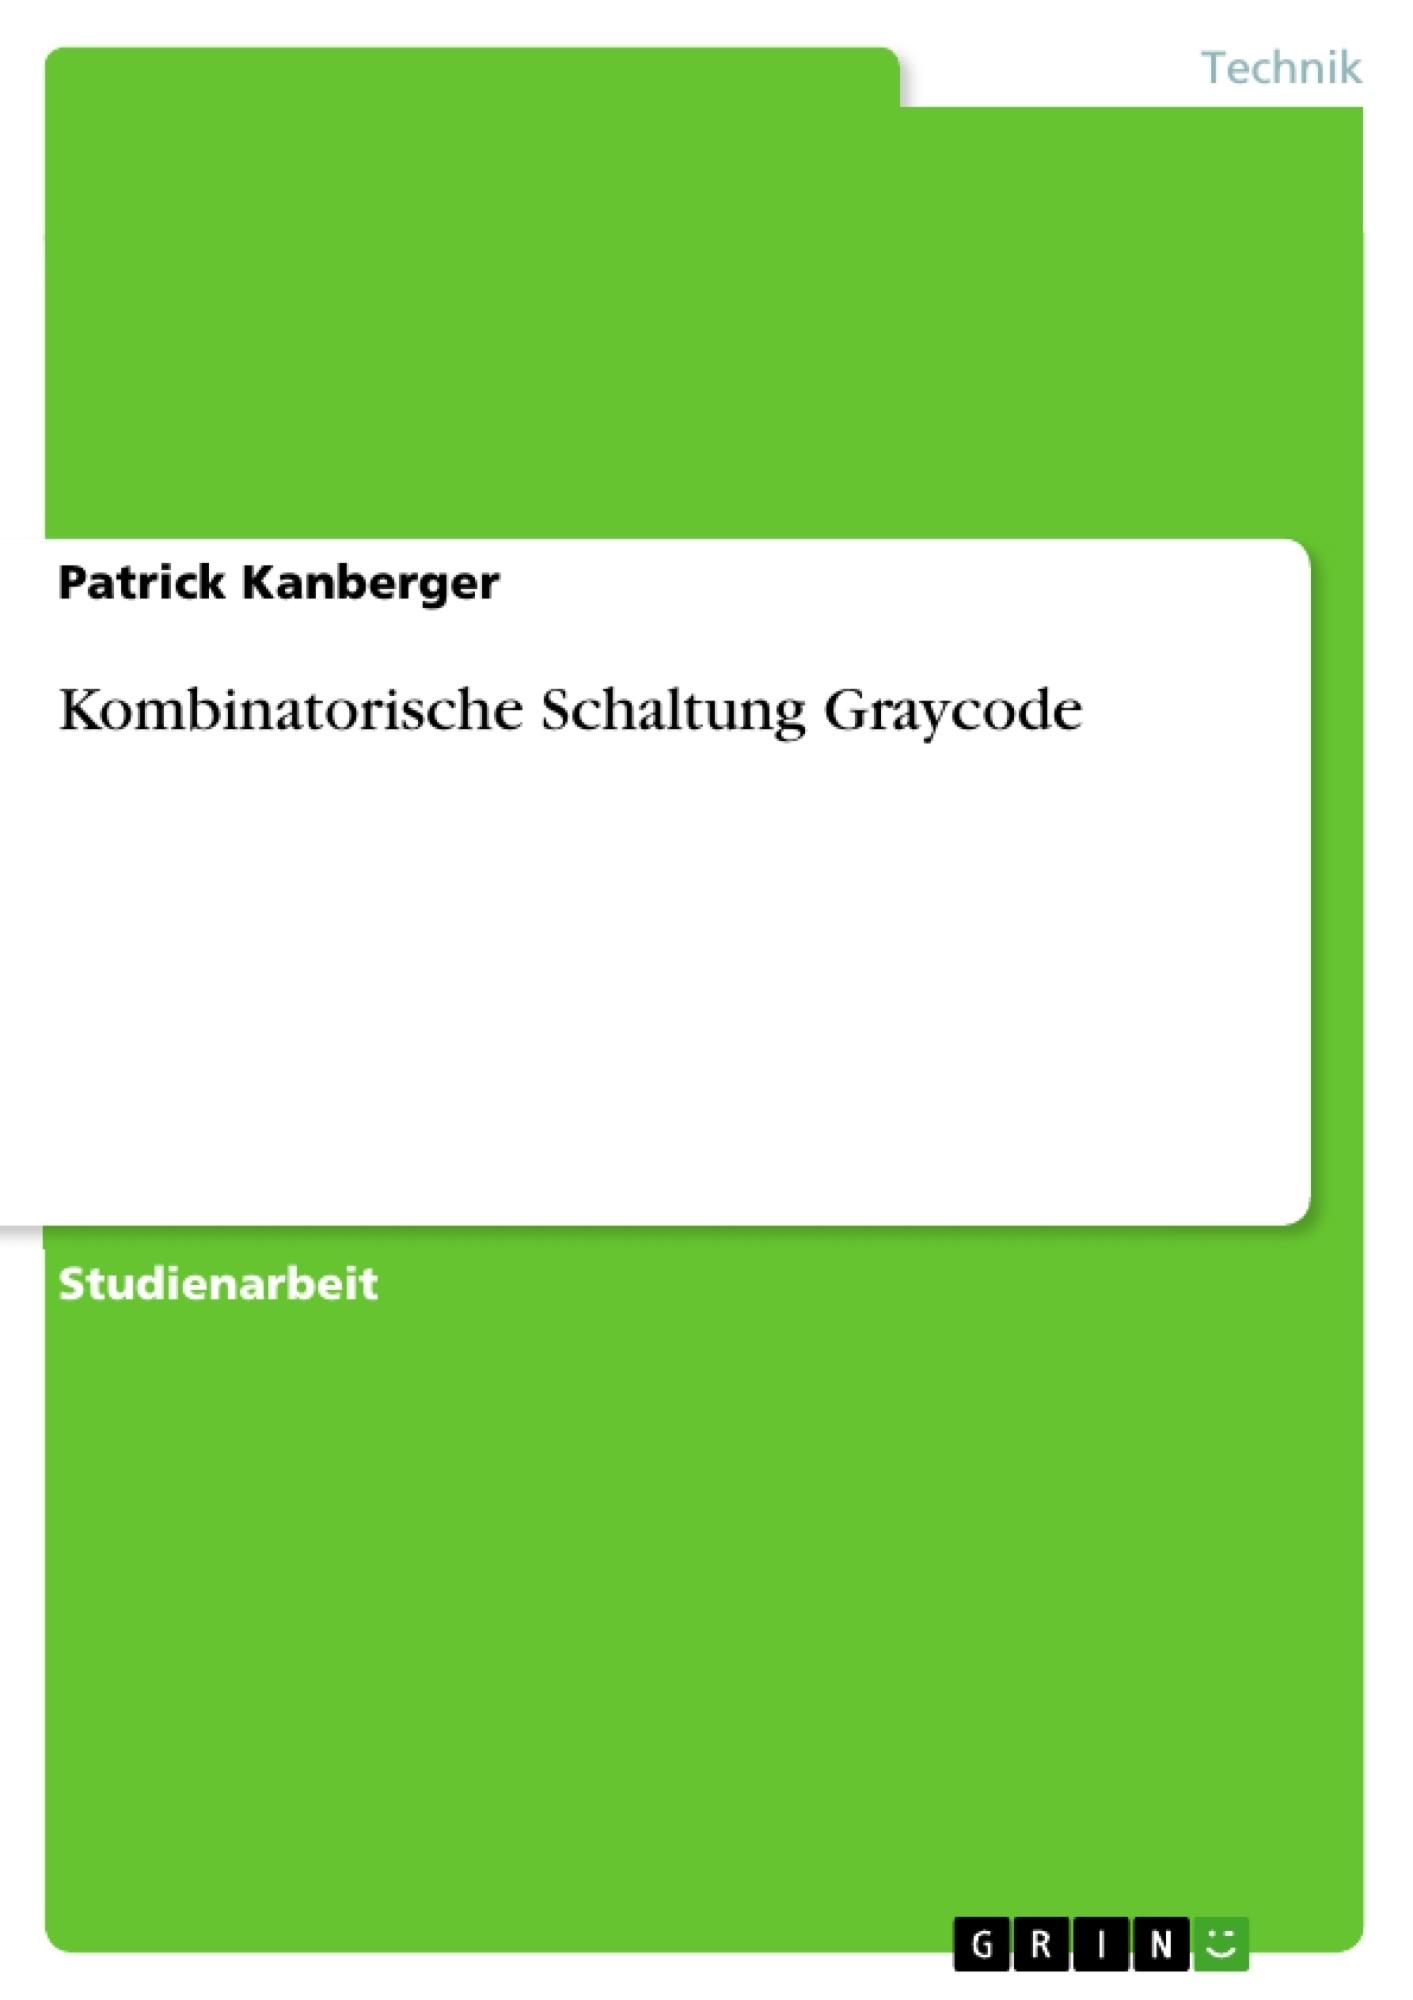 Titel: Kombinatorische Schaltung Graycode